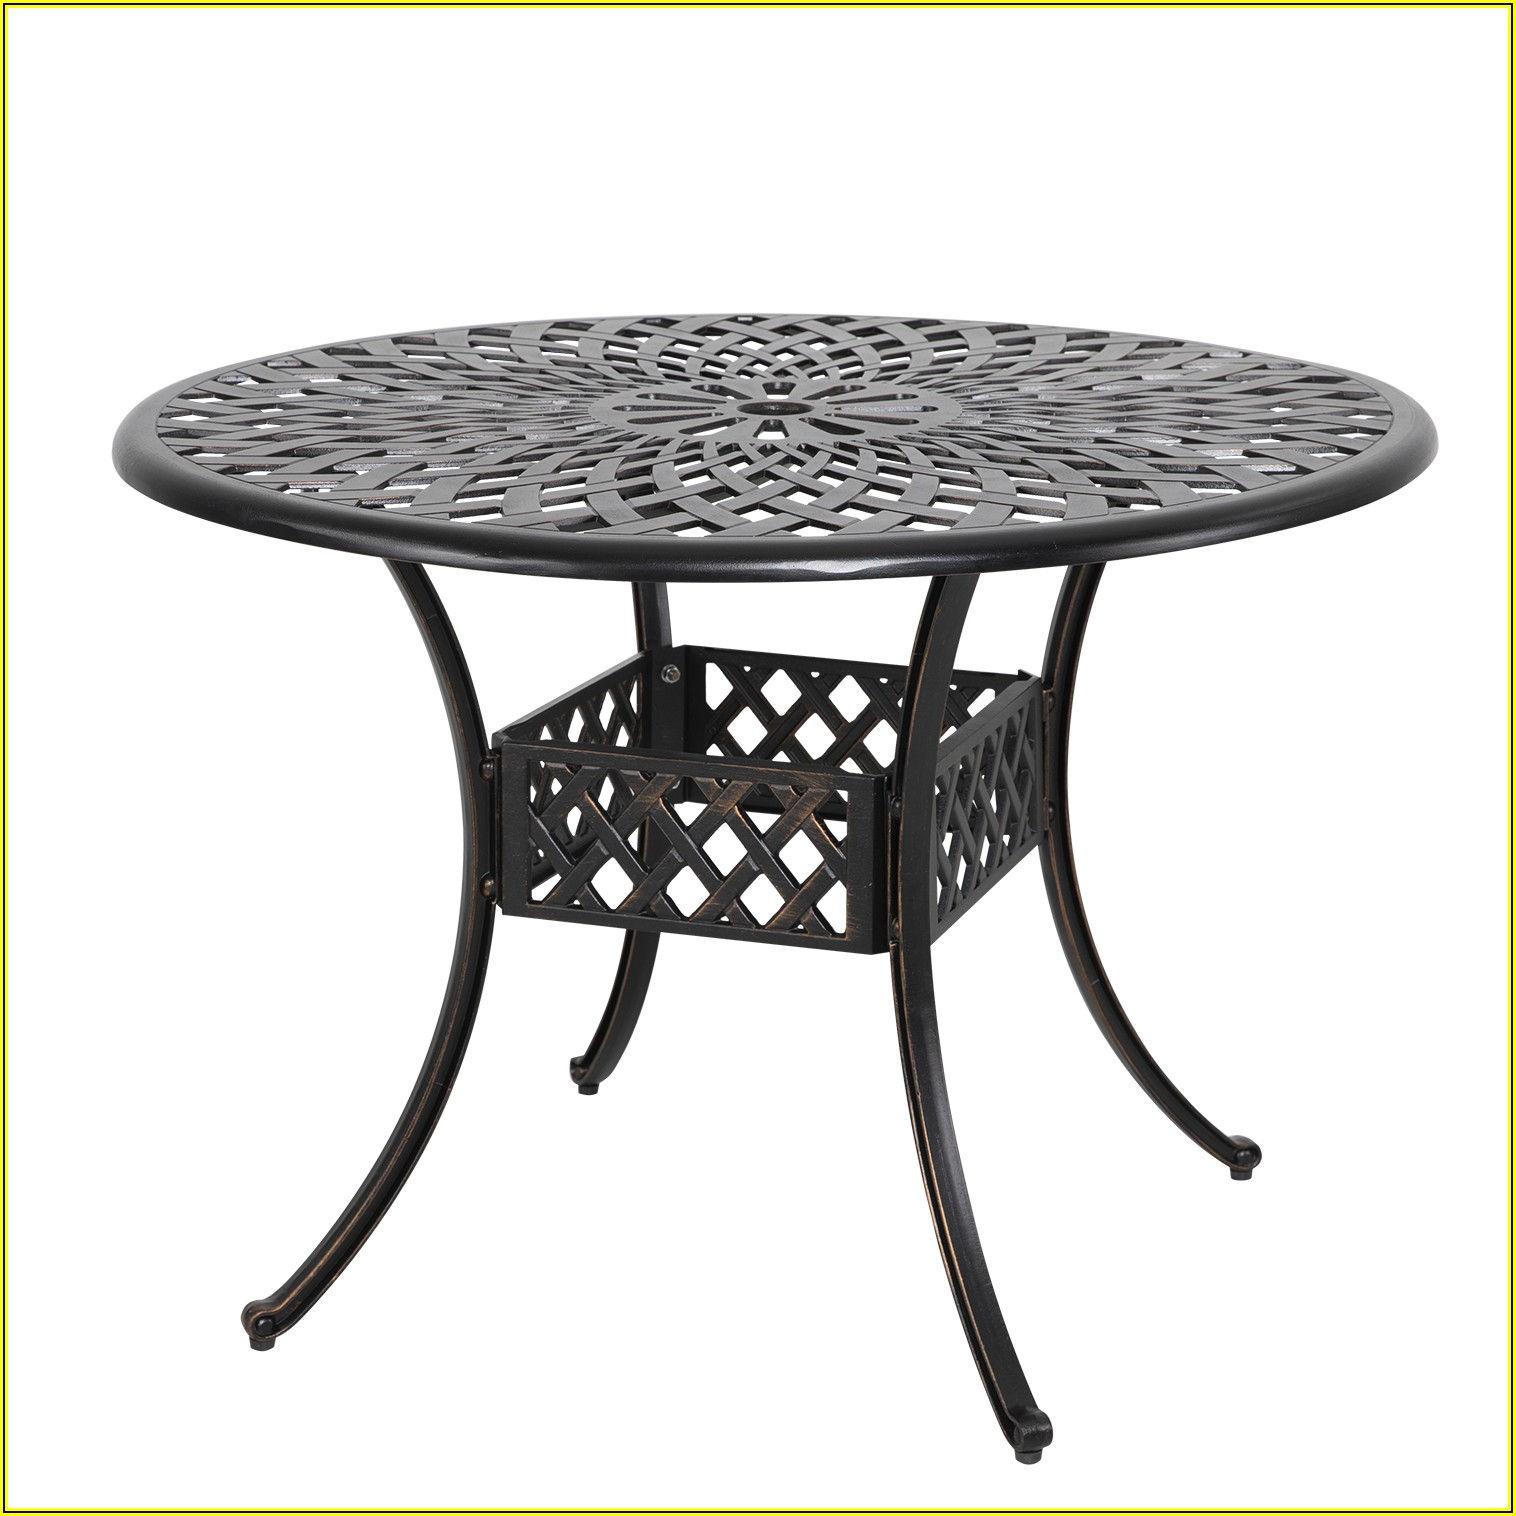 42 Inch Round Aluminum Patio Table